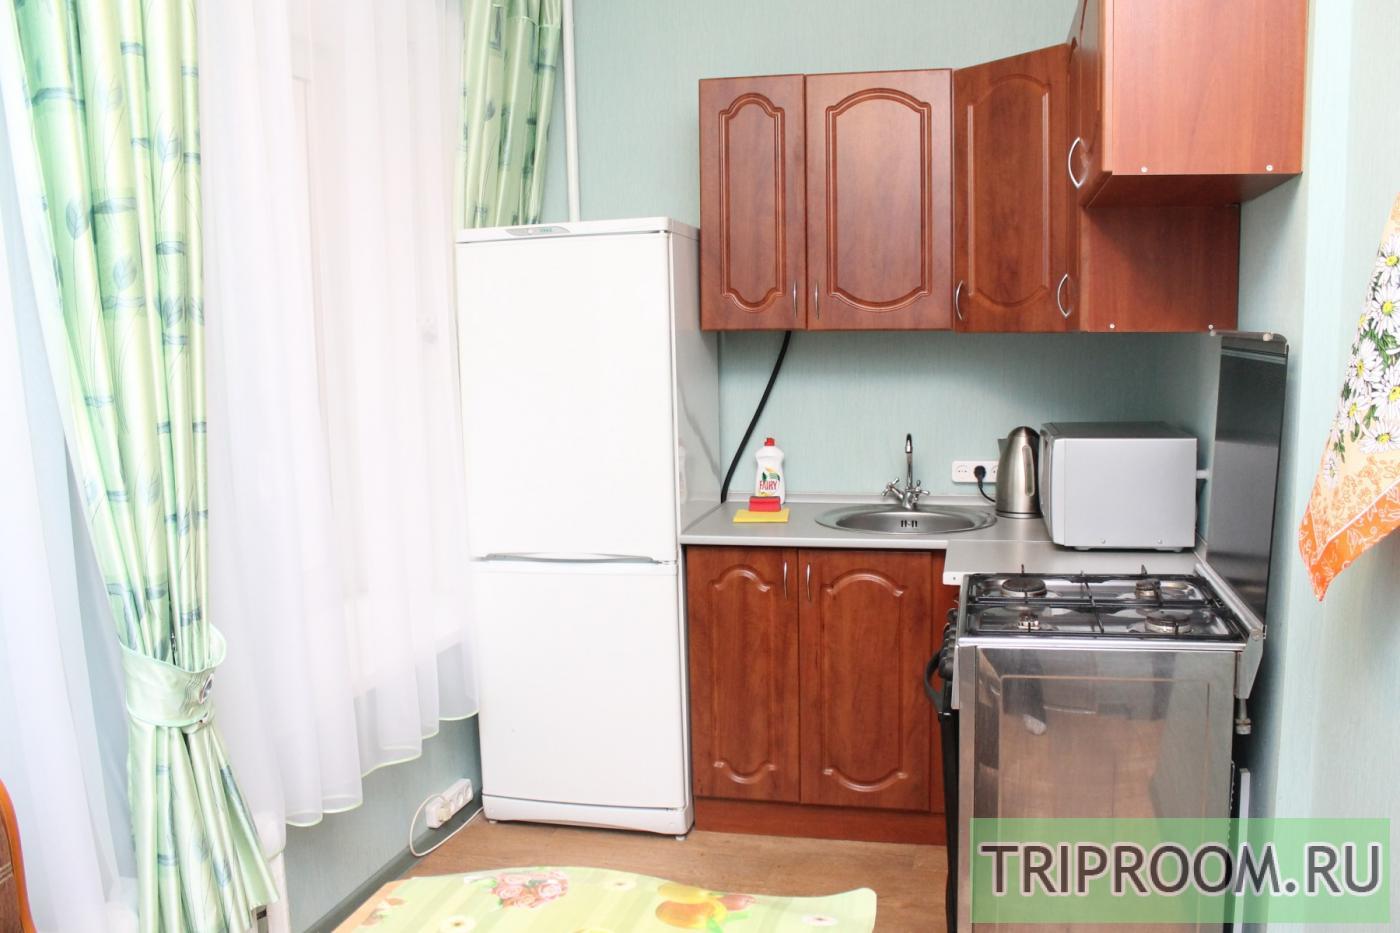 1-комнатная квартира посуточно (вариант № 23301), ул. Гороховая улица, фото № 6